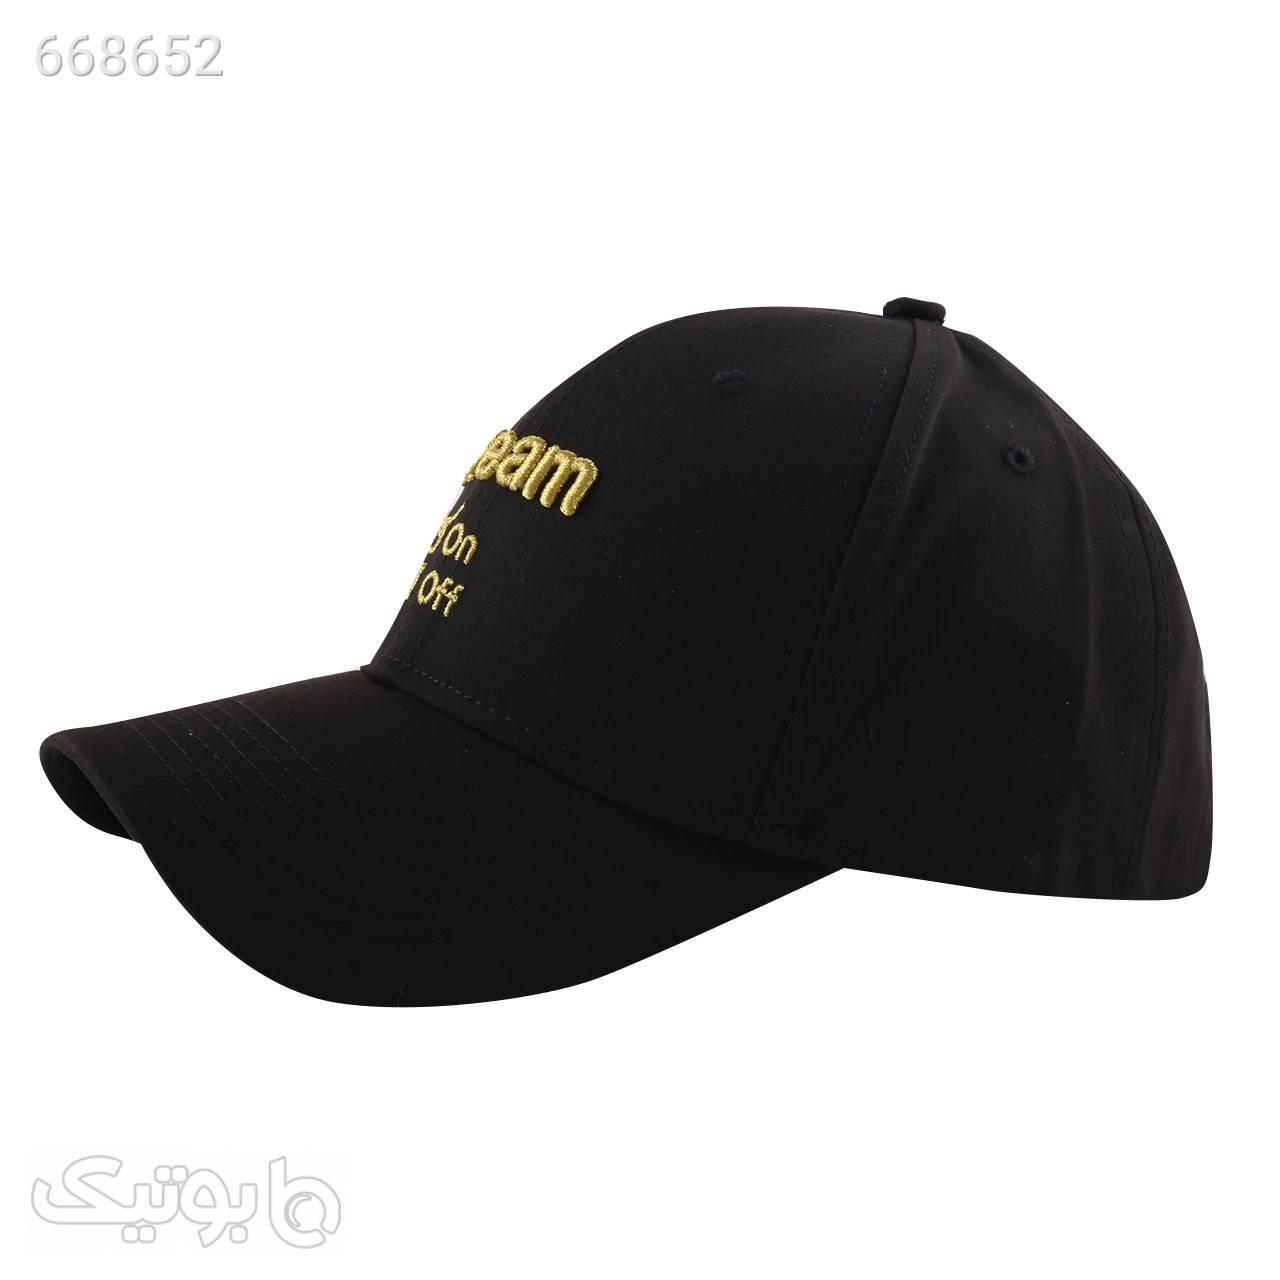 کلاه کپ مردانه مدل PJ139 مشکی کلاه و اسکارف